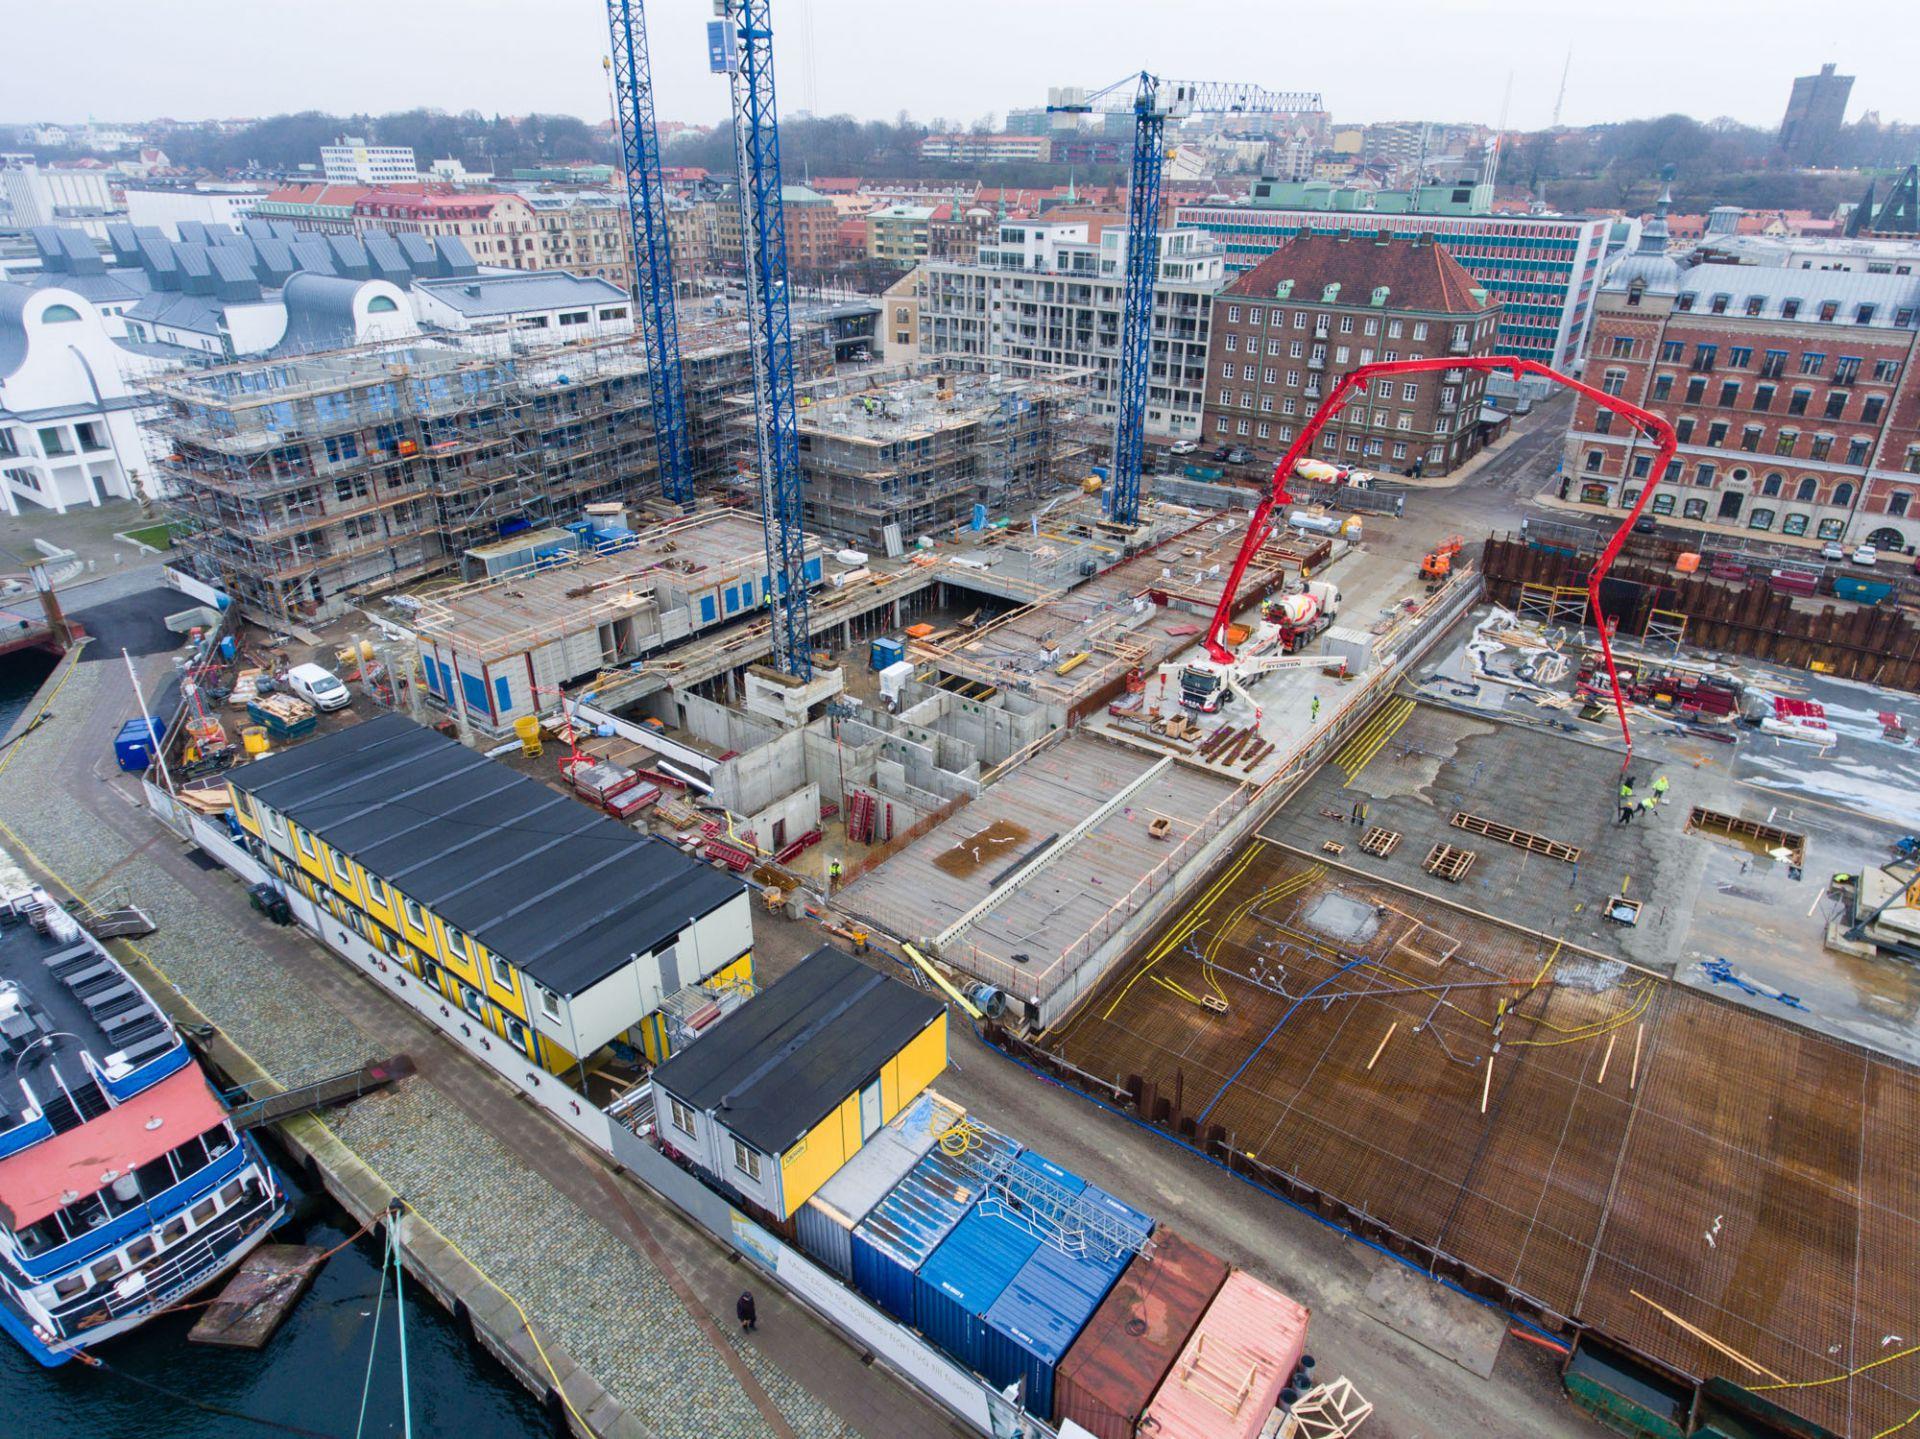 Översikt utav byggplatsen för kongresshuset mitt i Helsingborg vid kajkanten och höghusen runtomkring.